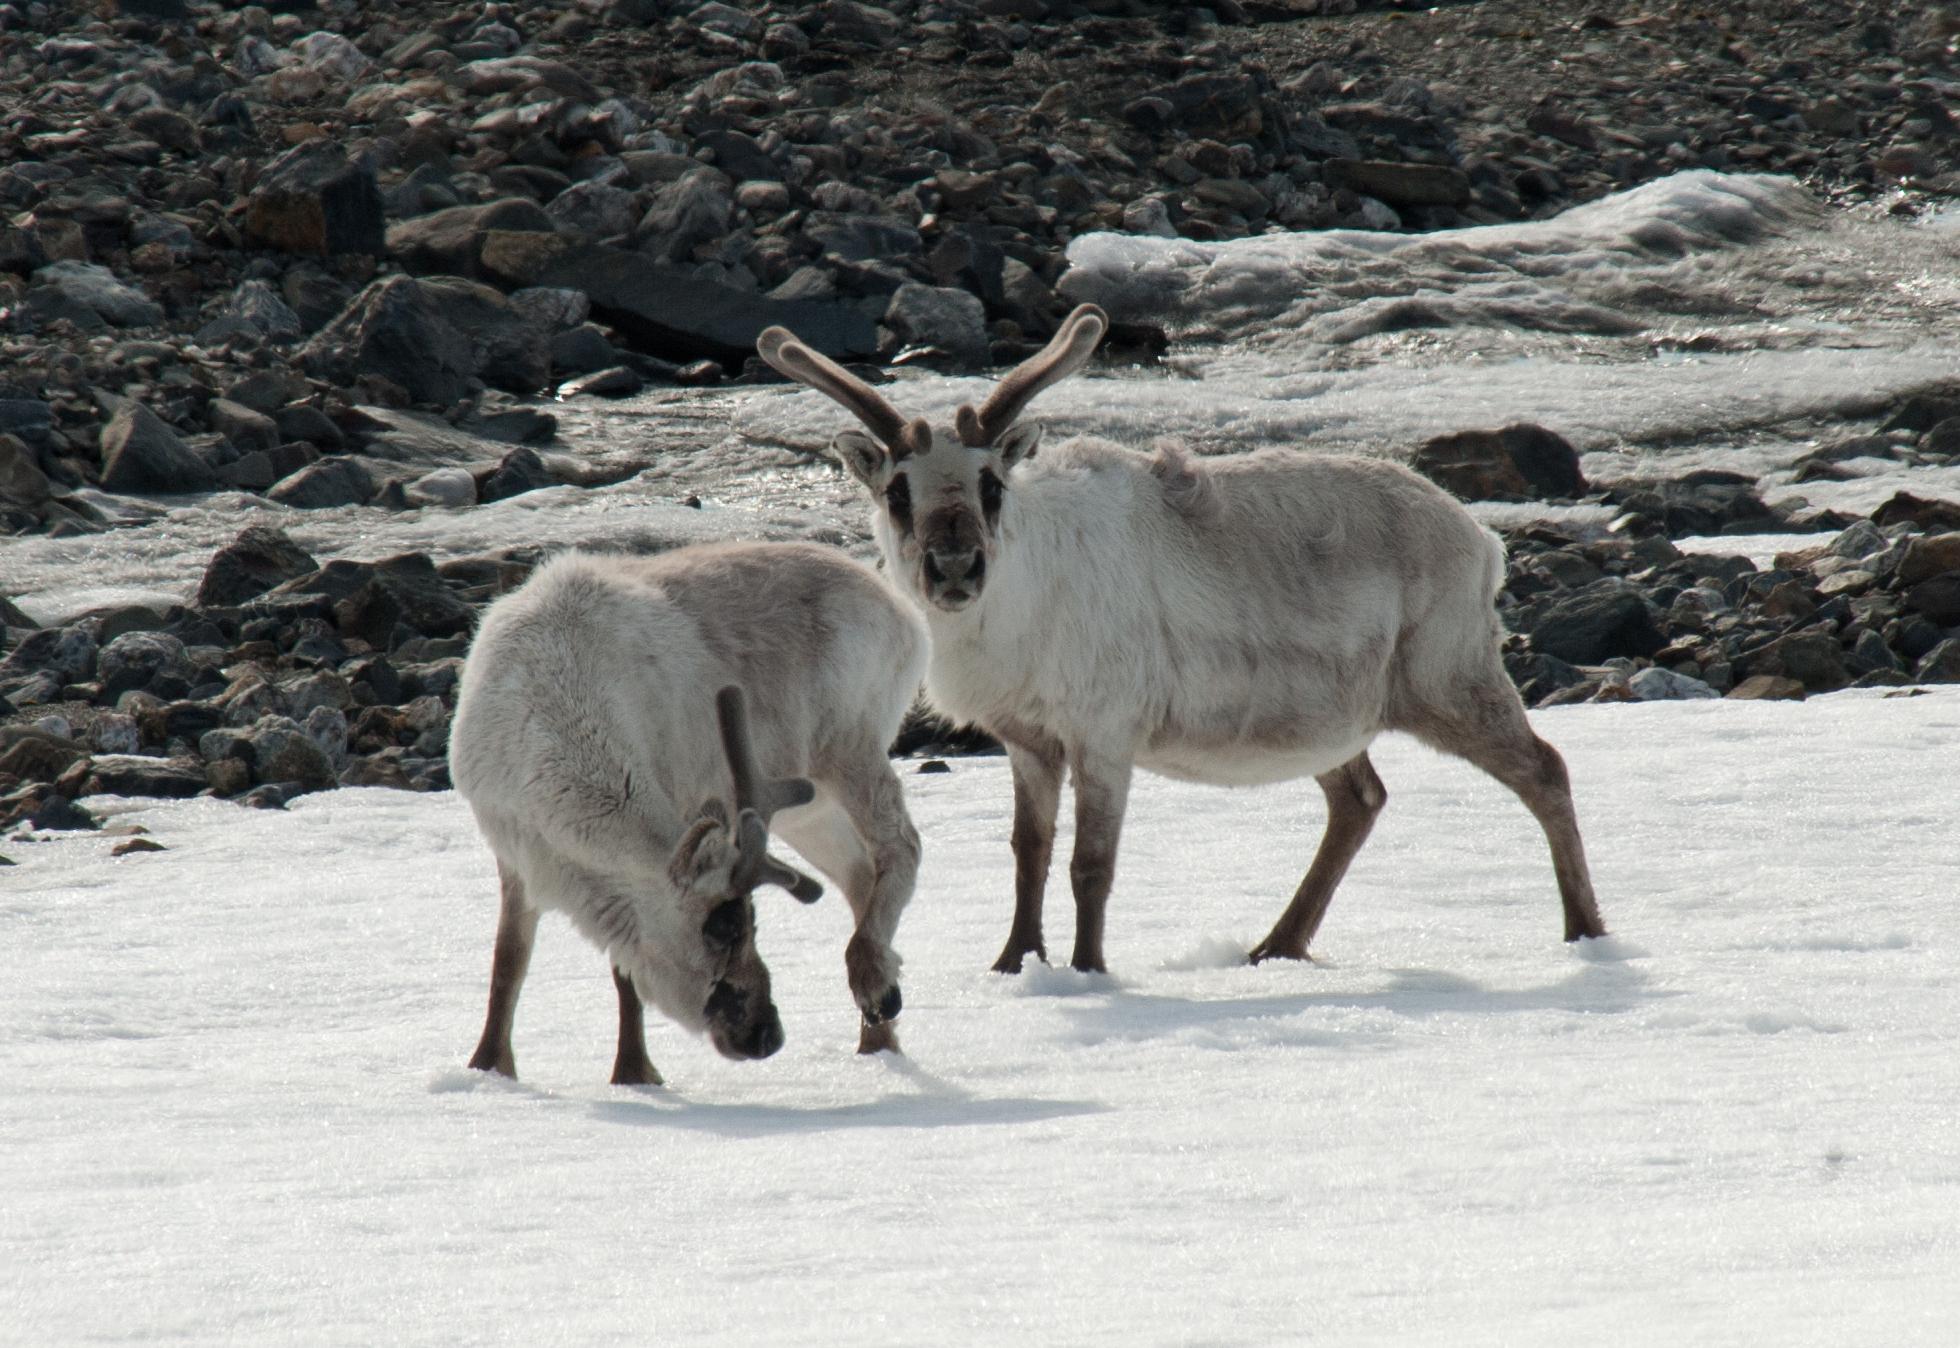 Svalbard Reindeer, Spitsbergen, June © Erwin Vermeulen-Oceanwide Expeditions